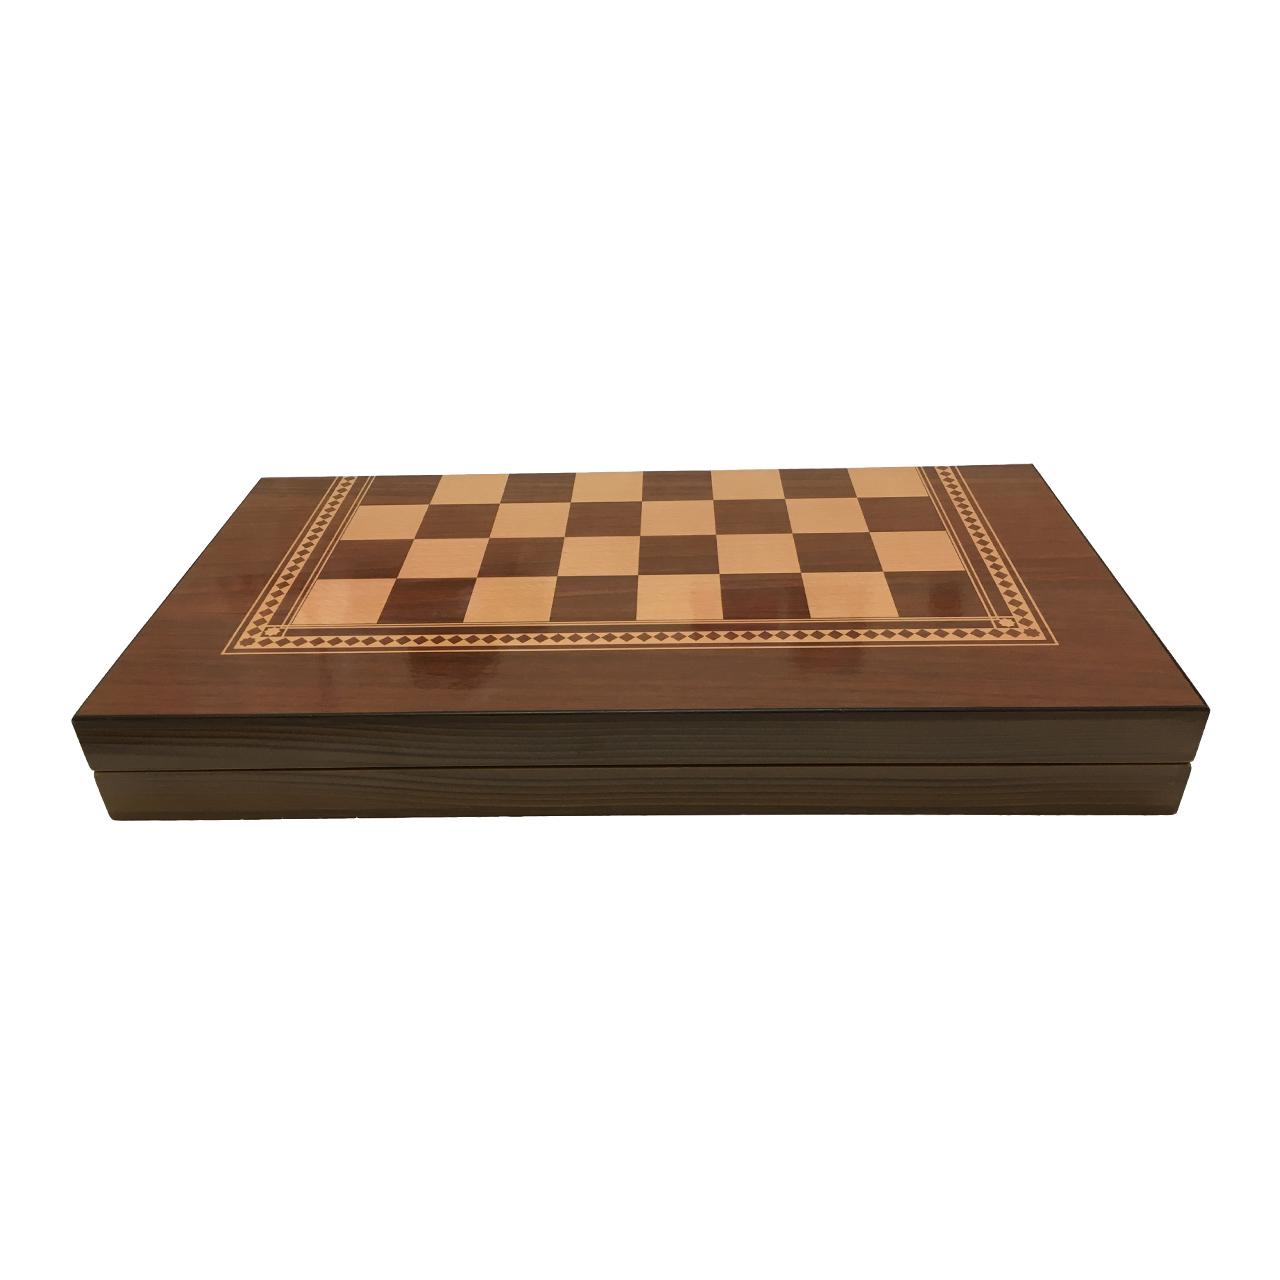 صفحه شطرنج آرونی طرح کلاسیک طول 50 سانتی متر